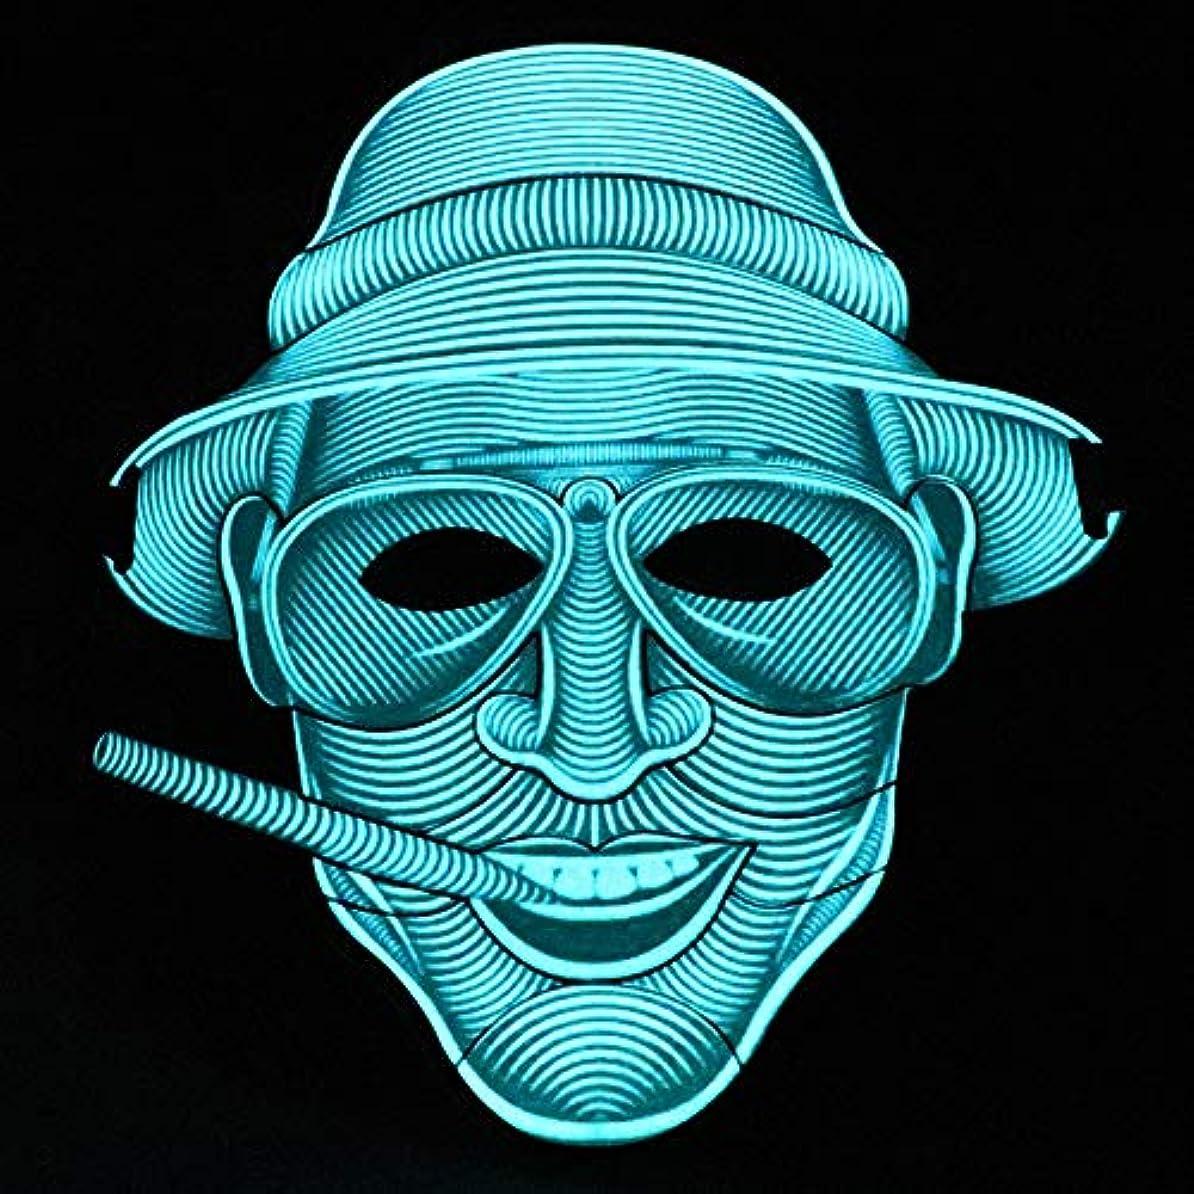 なにレビューランチ照らされたマスクLED創造的な冷光音響制御マスクハロウィンバーフェスティバルダンスマスク (Color : #19)